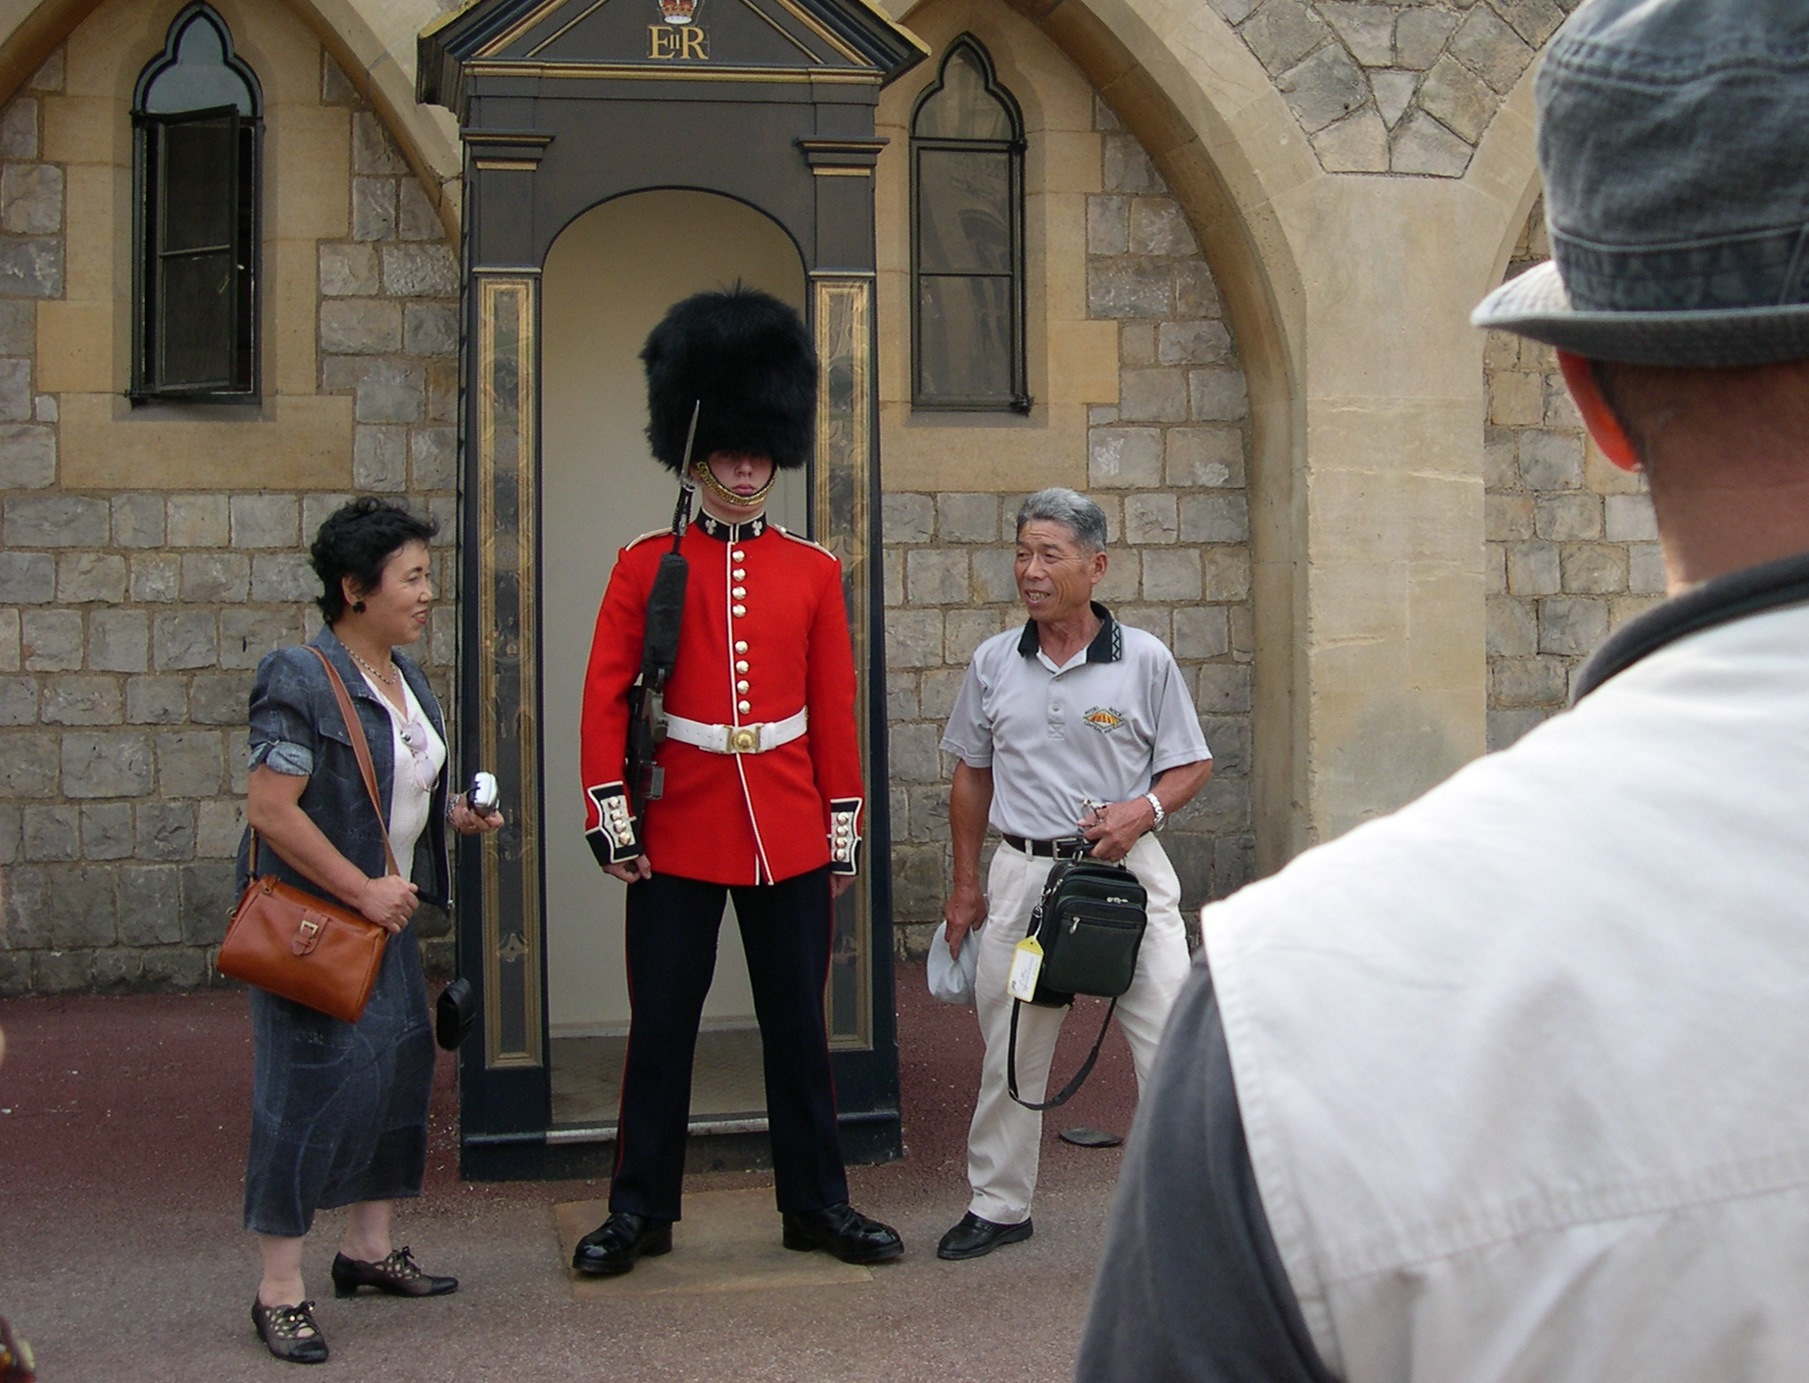 The maxim of the British | Defeat Despair